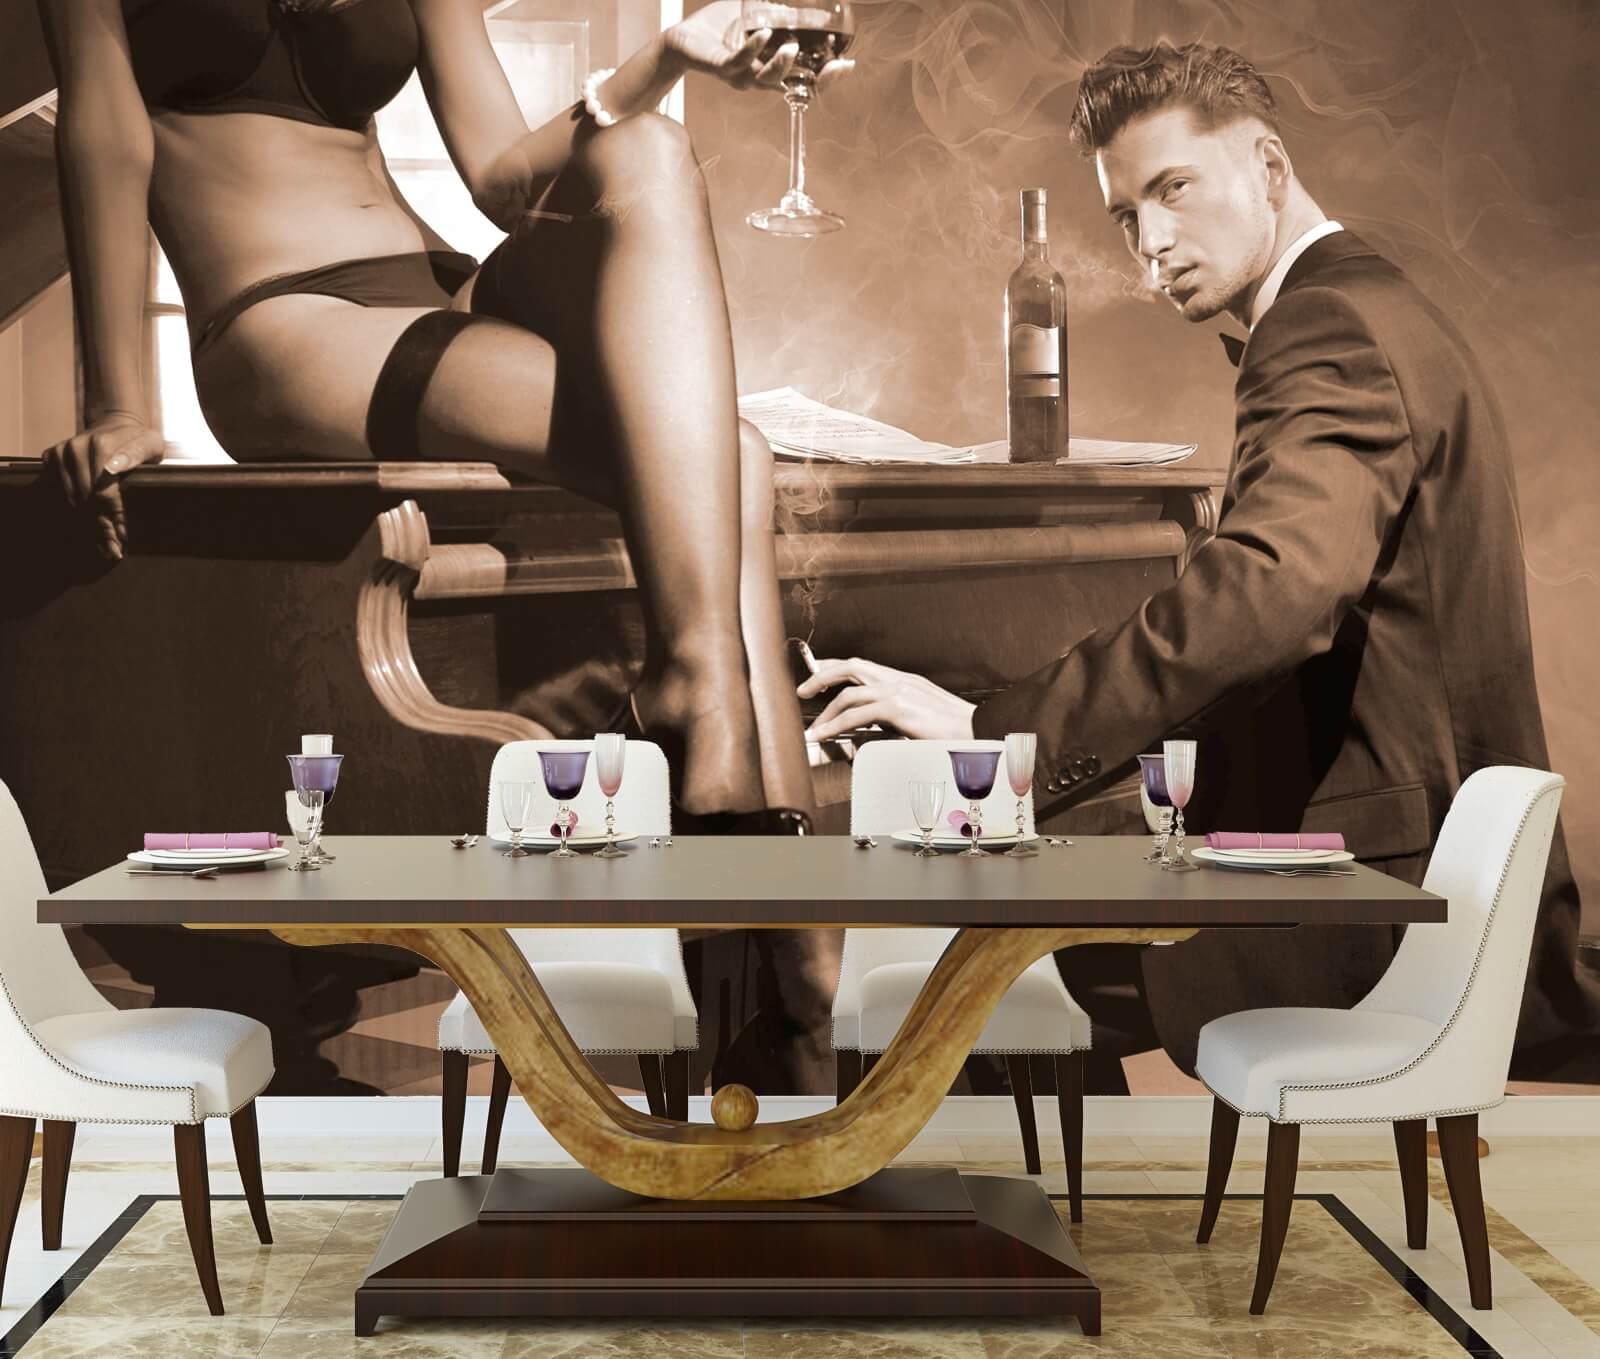 Erotik | Poster / Fototapete | B-wie-Bilder.de